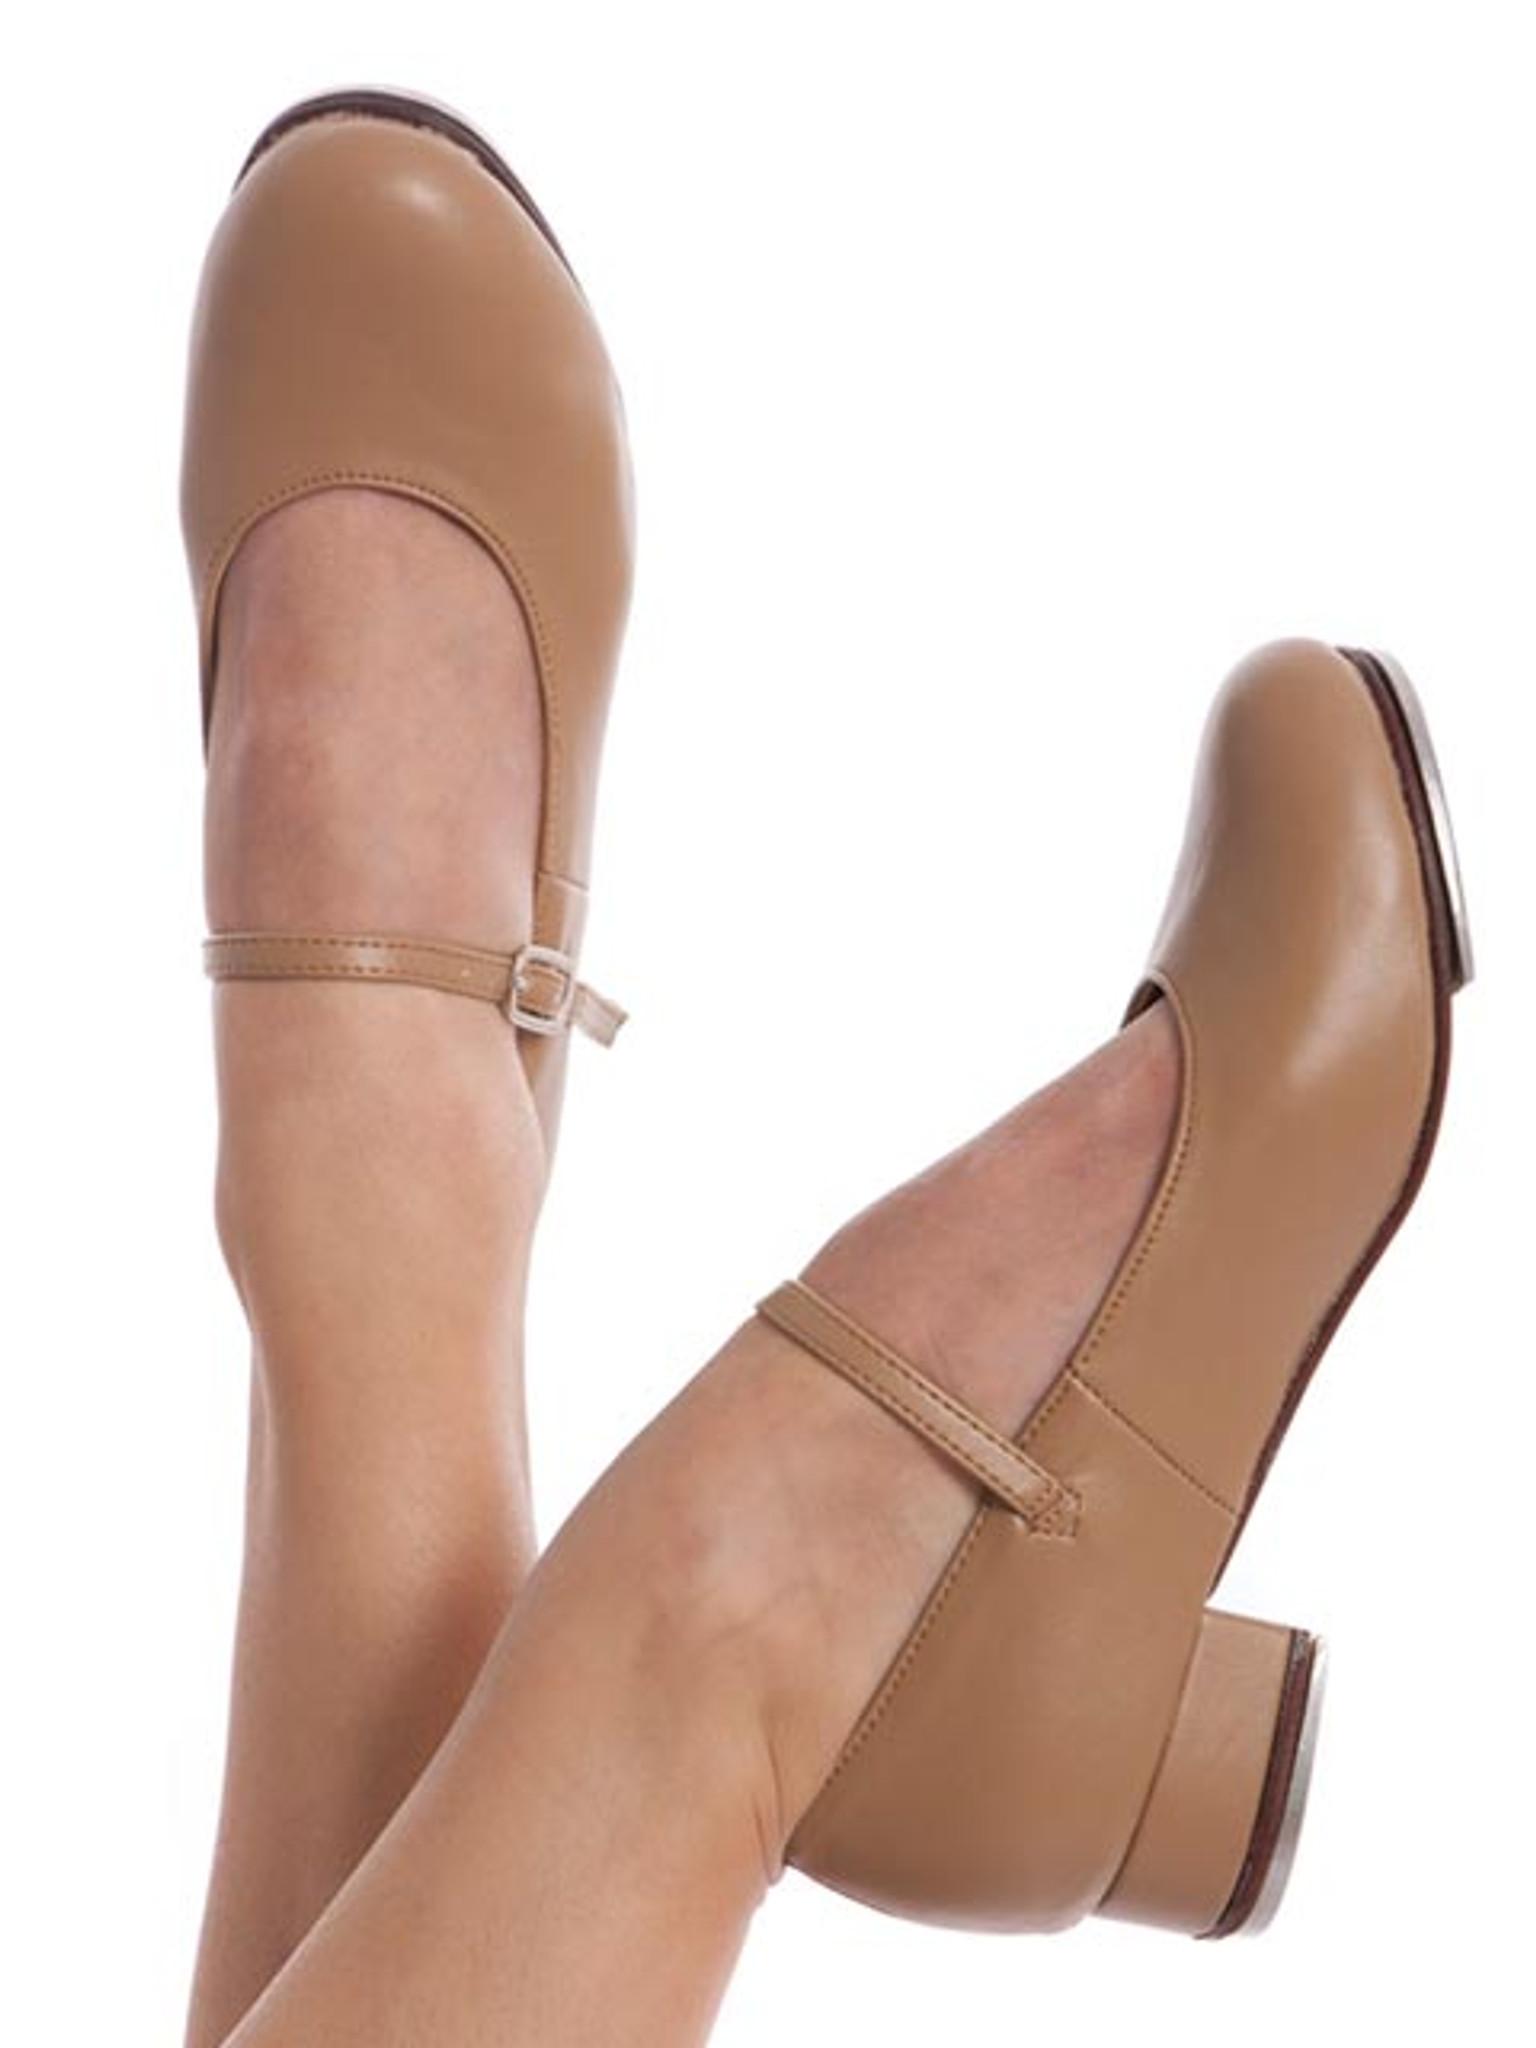 ENERGETIKS Debut Tap Shoes Girls TSA06 Tan